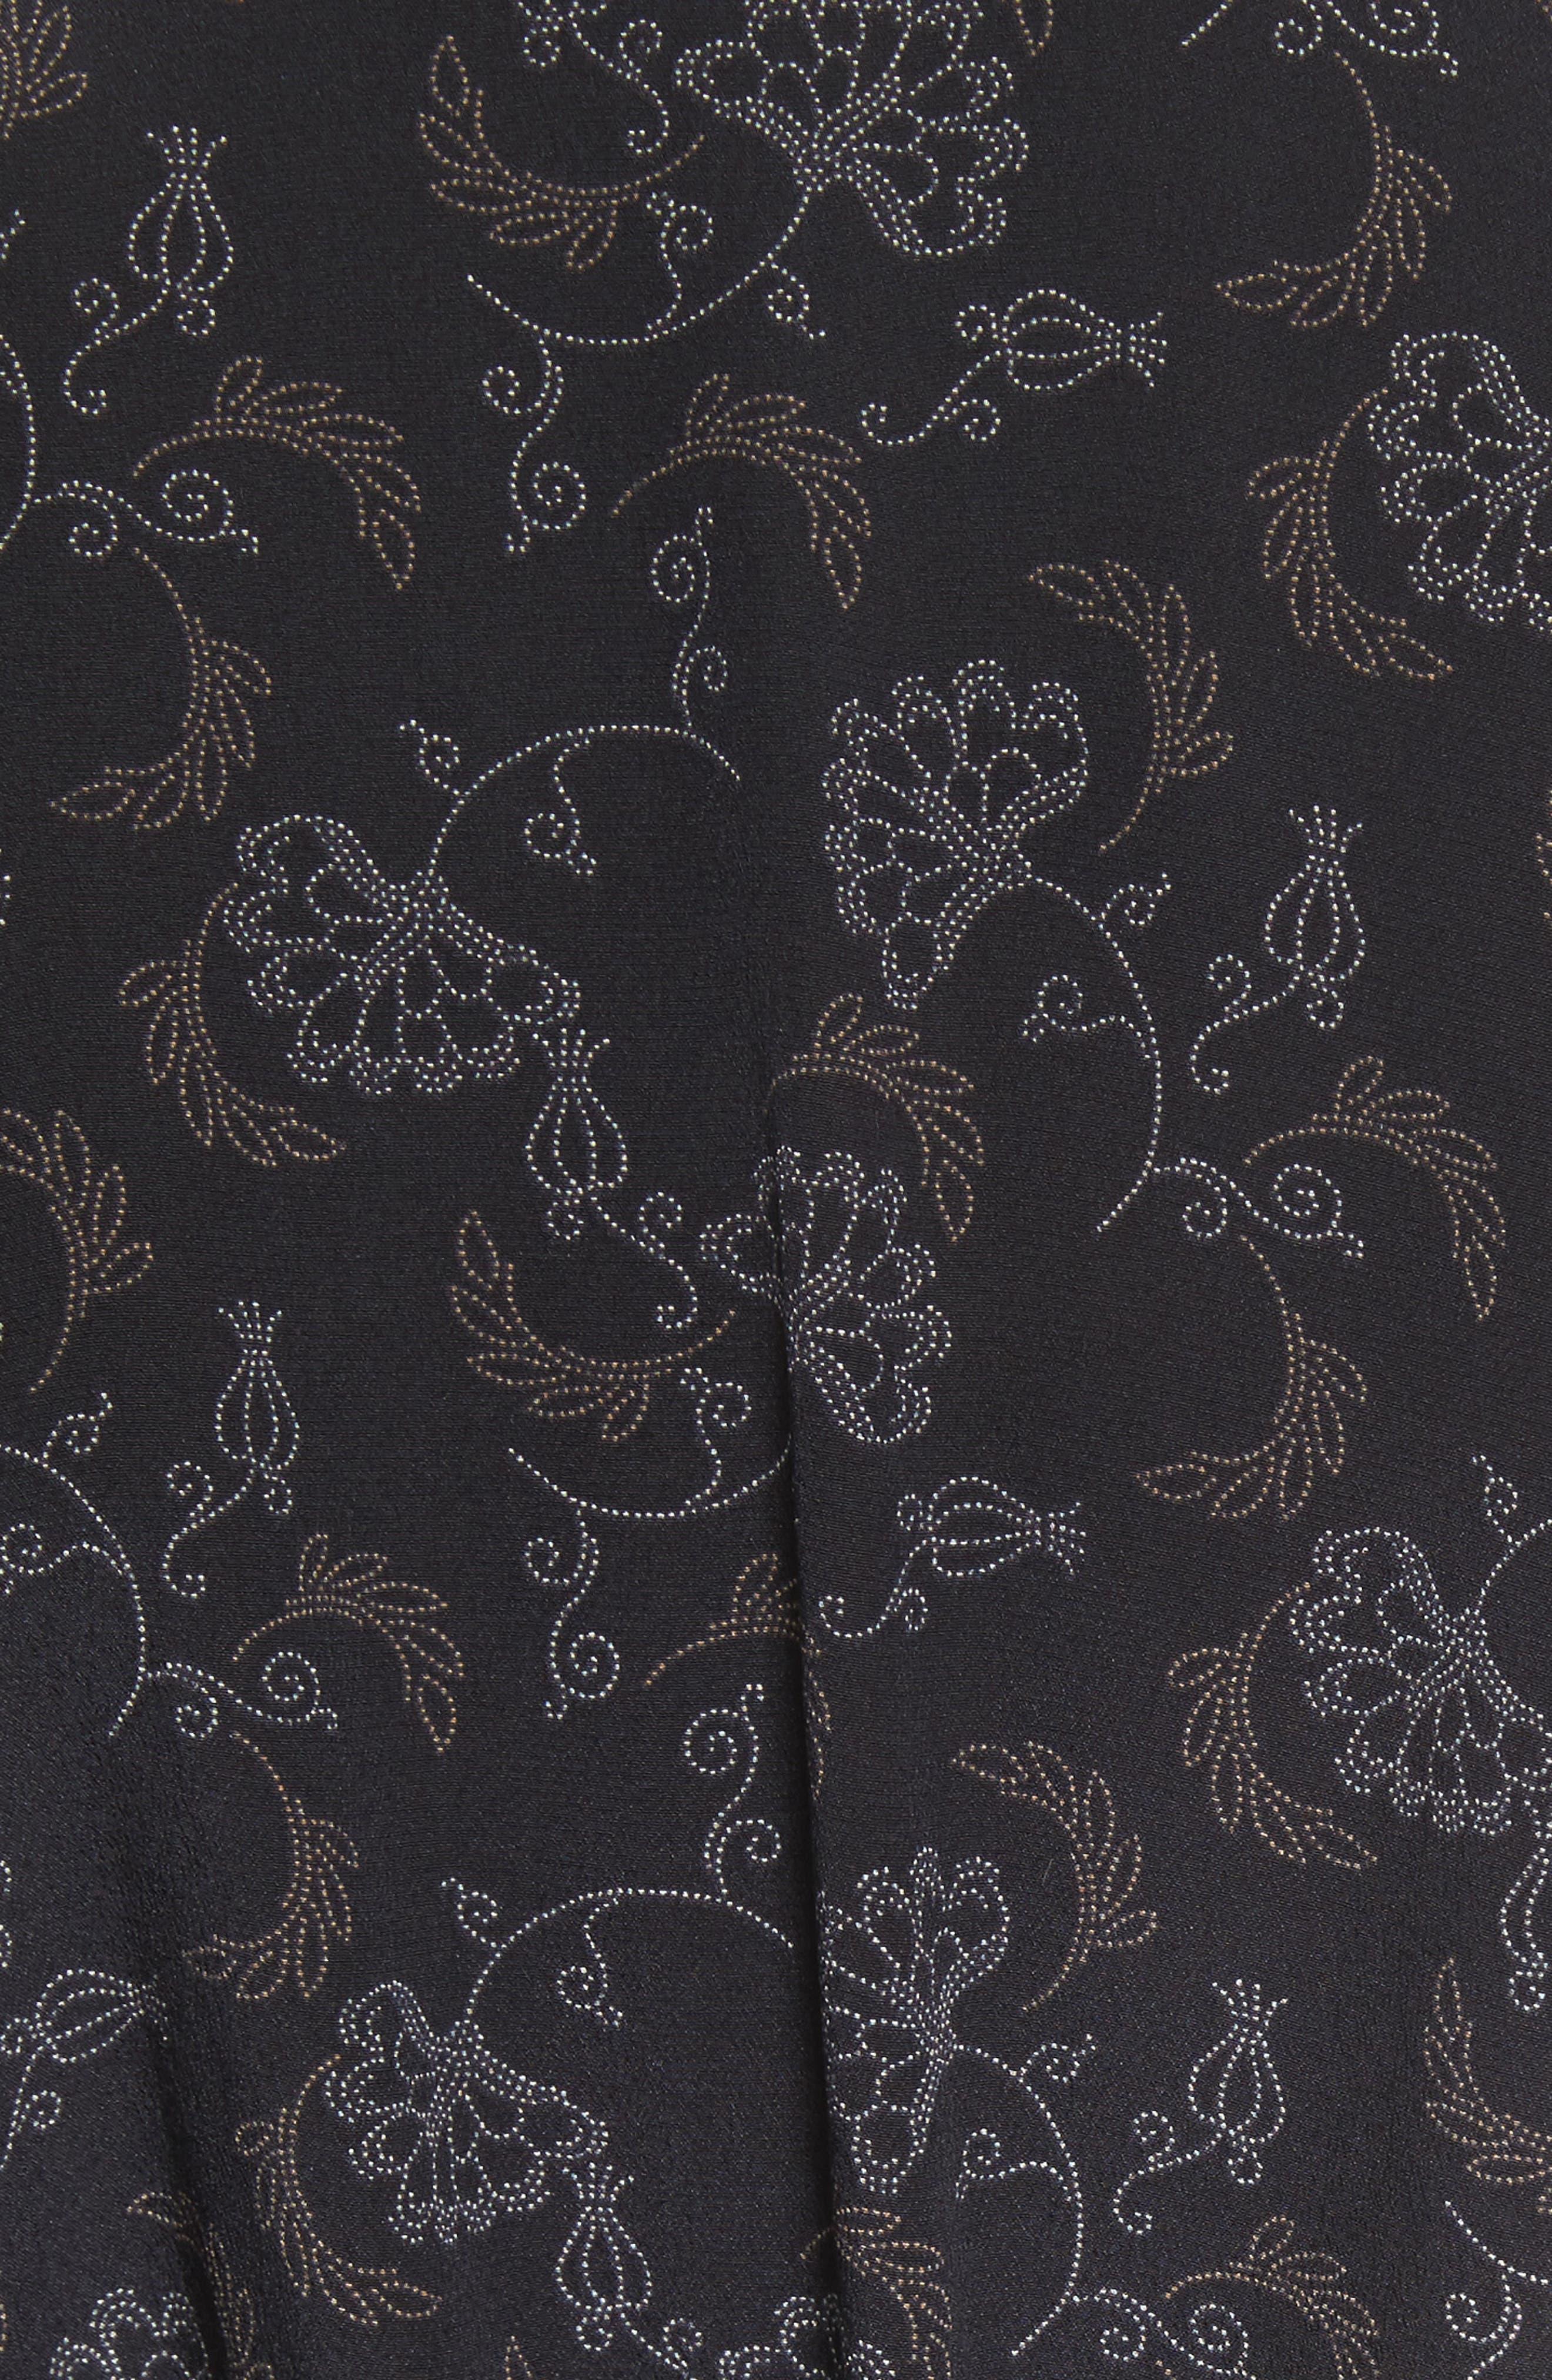 Floral Dot Kimono Silk Wrap Dress,                             Alternate thumbnail 5, color,                             001